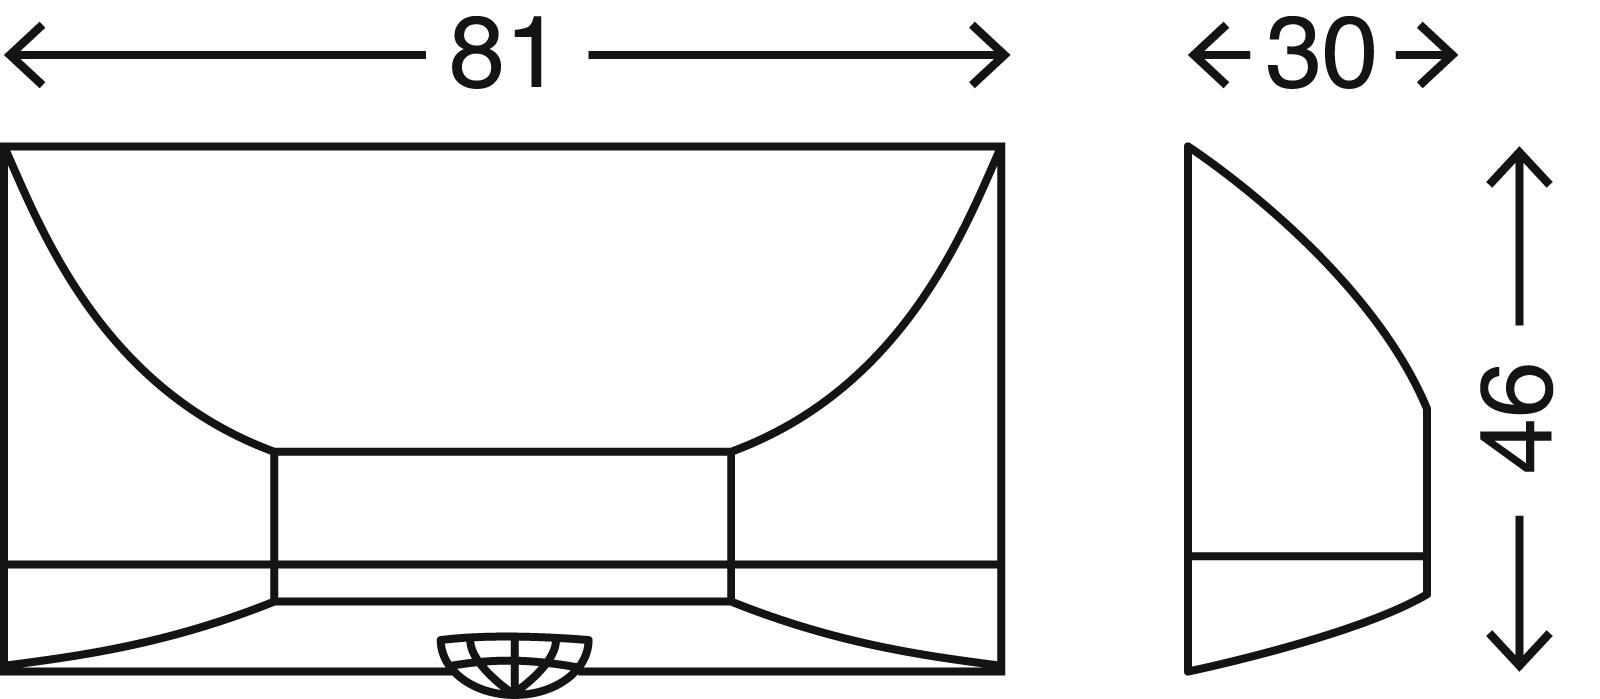 LED Türschlossbeleuchtung, 8,1 cm, 0,24 W, Titan